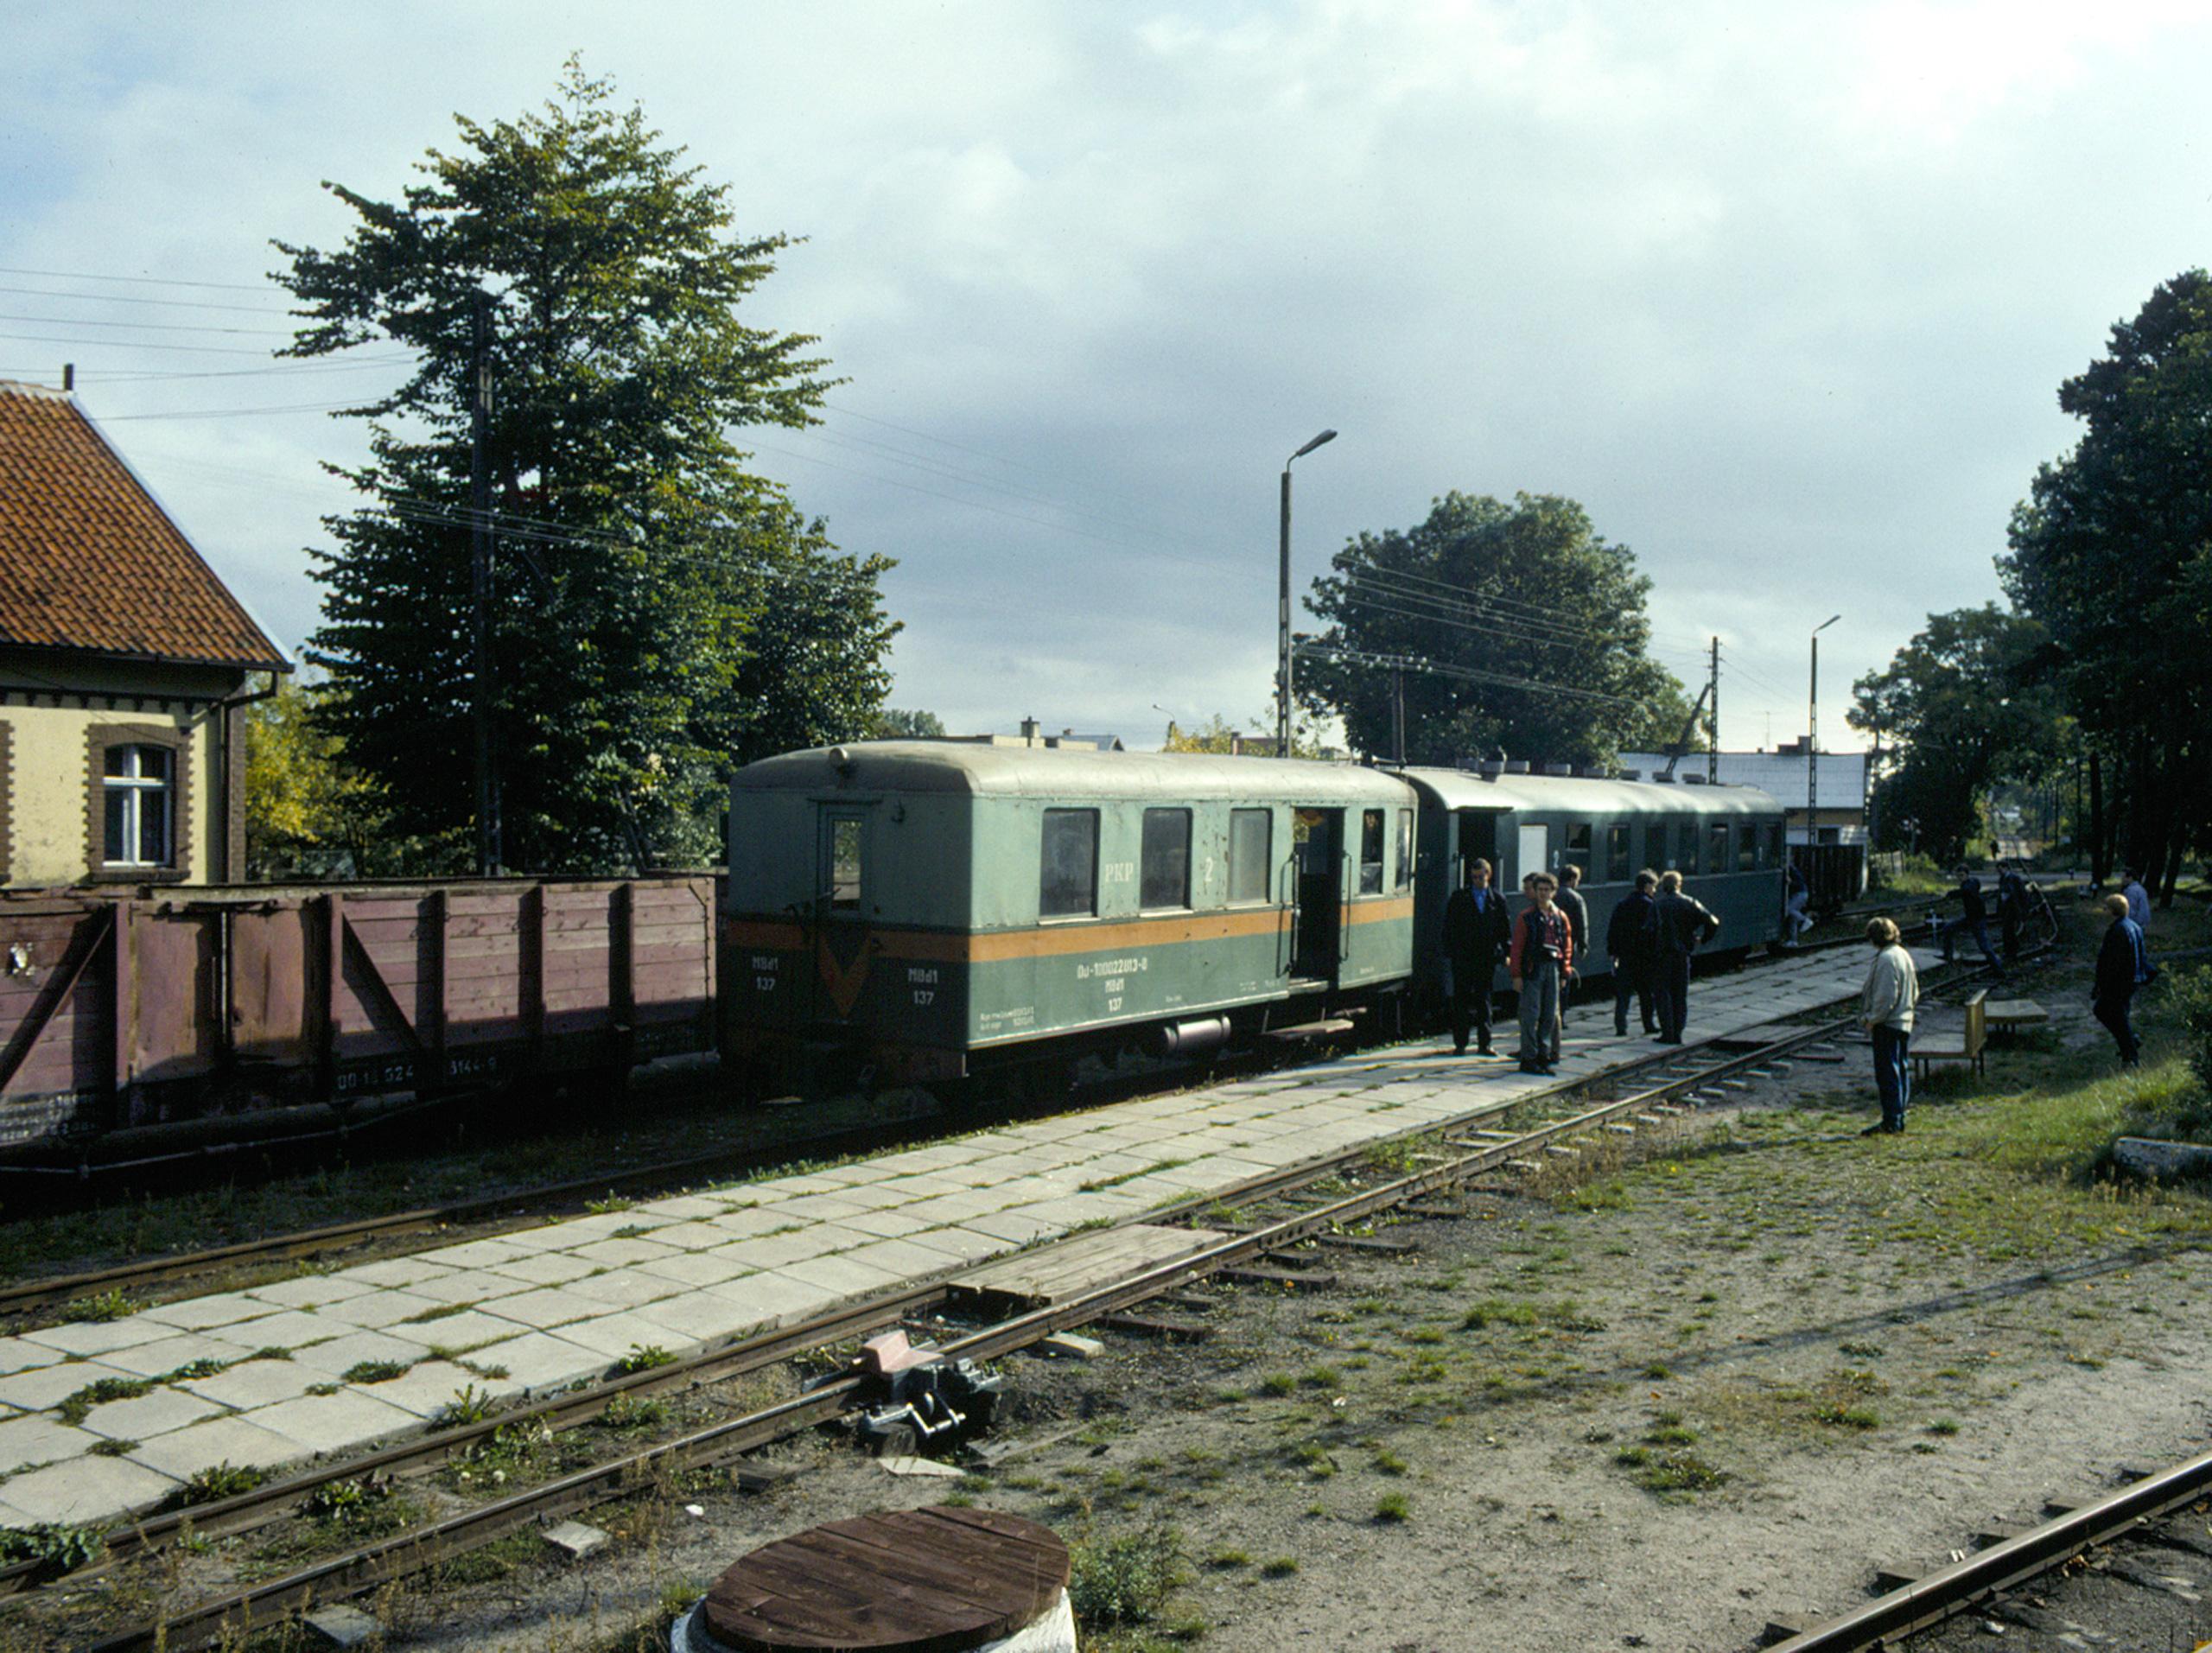 Excursion train at Stegna Gdańska.